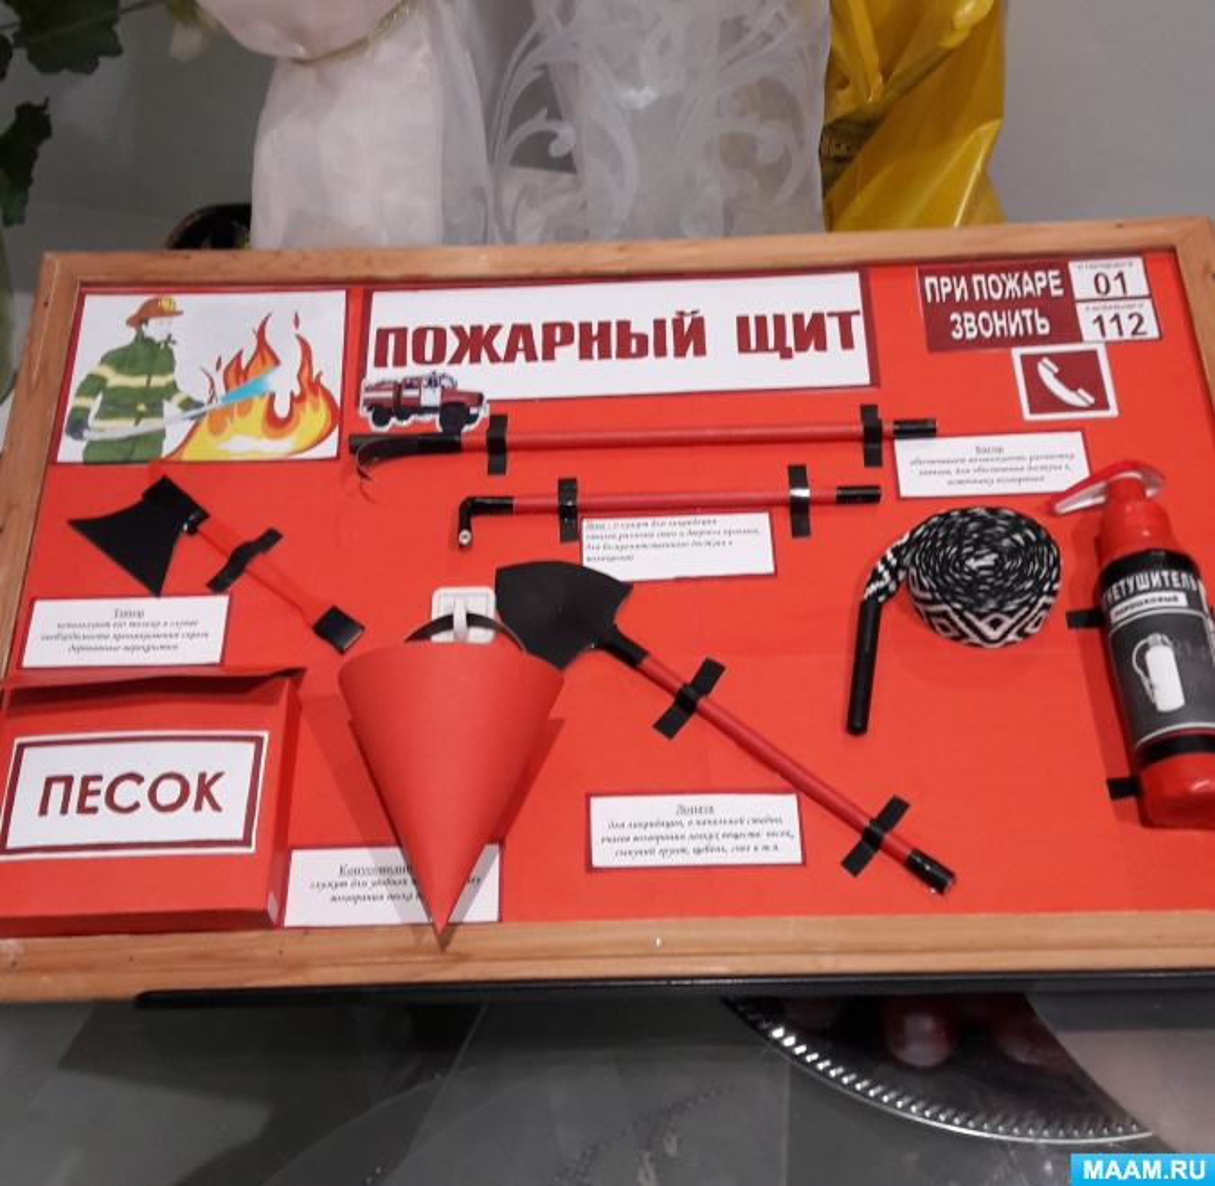 Макет «Пожарный щит» своими руками